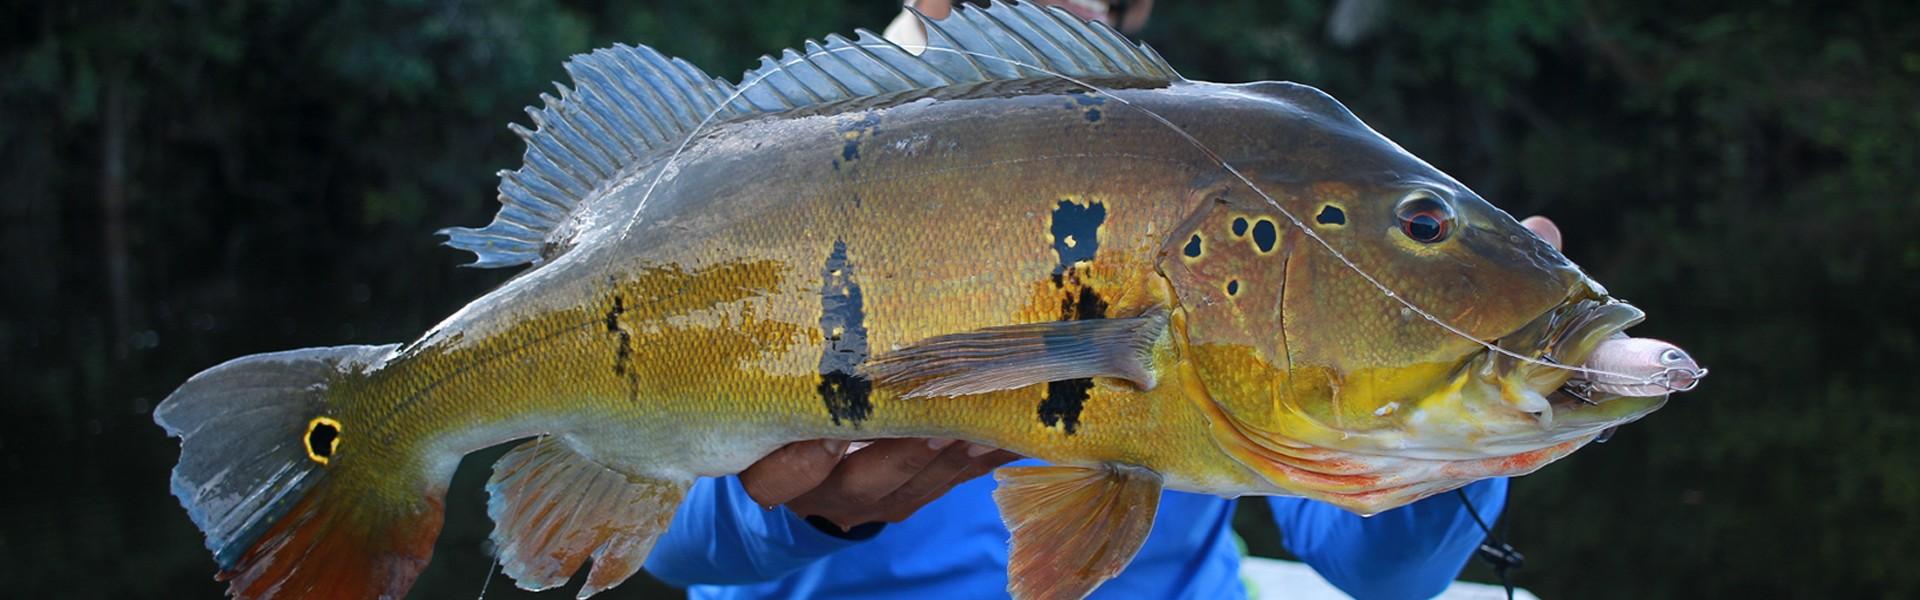 Pura Pesca